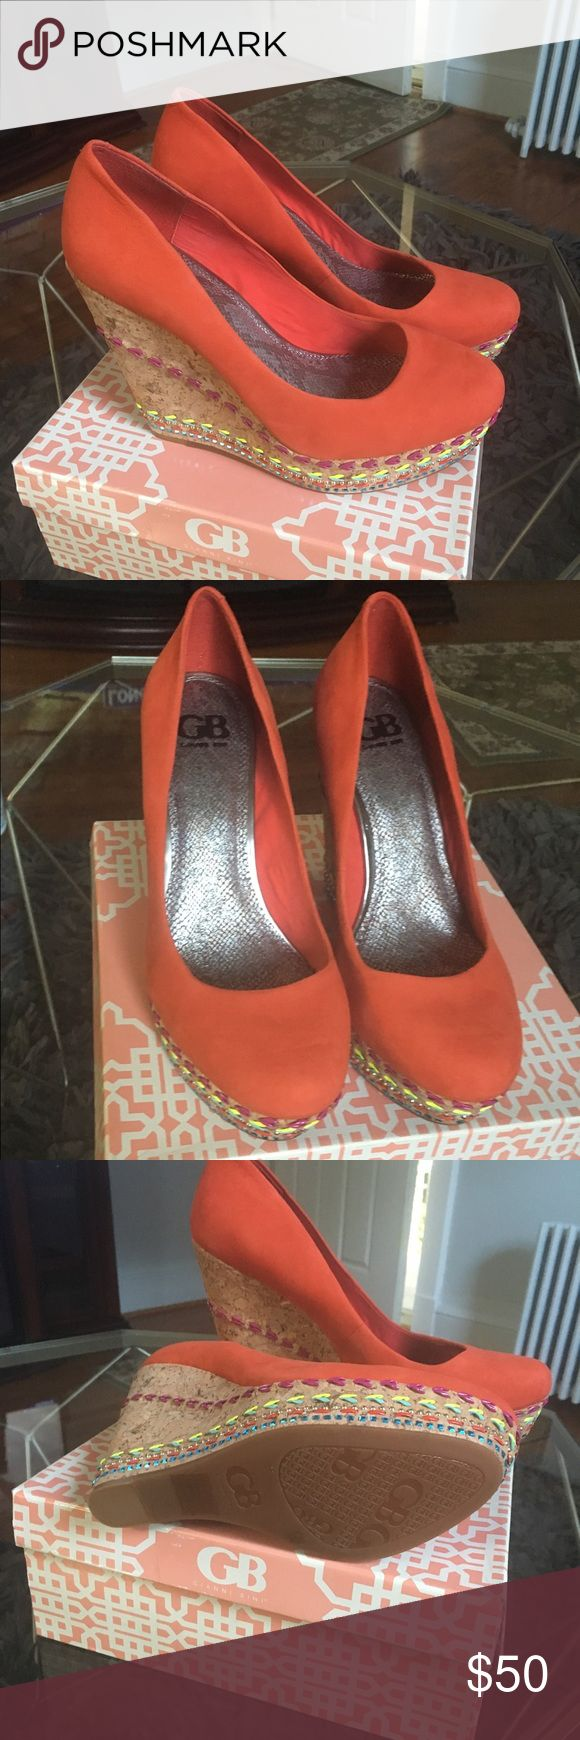 Shoes Orange Wedge heels Gianni Bini Shoes Wedges